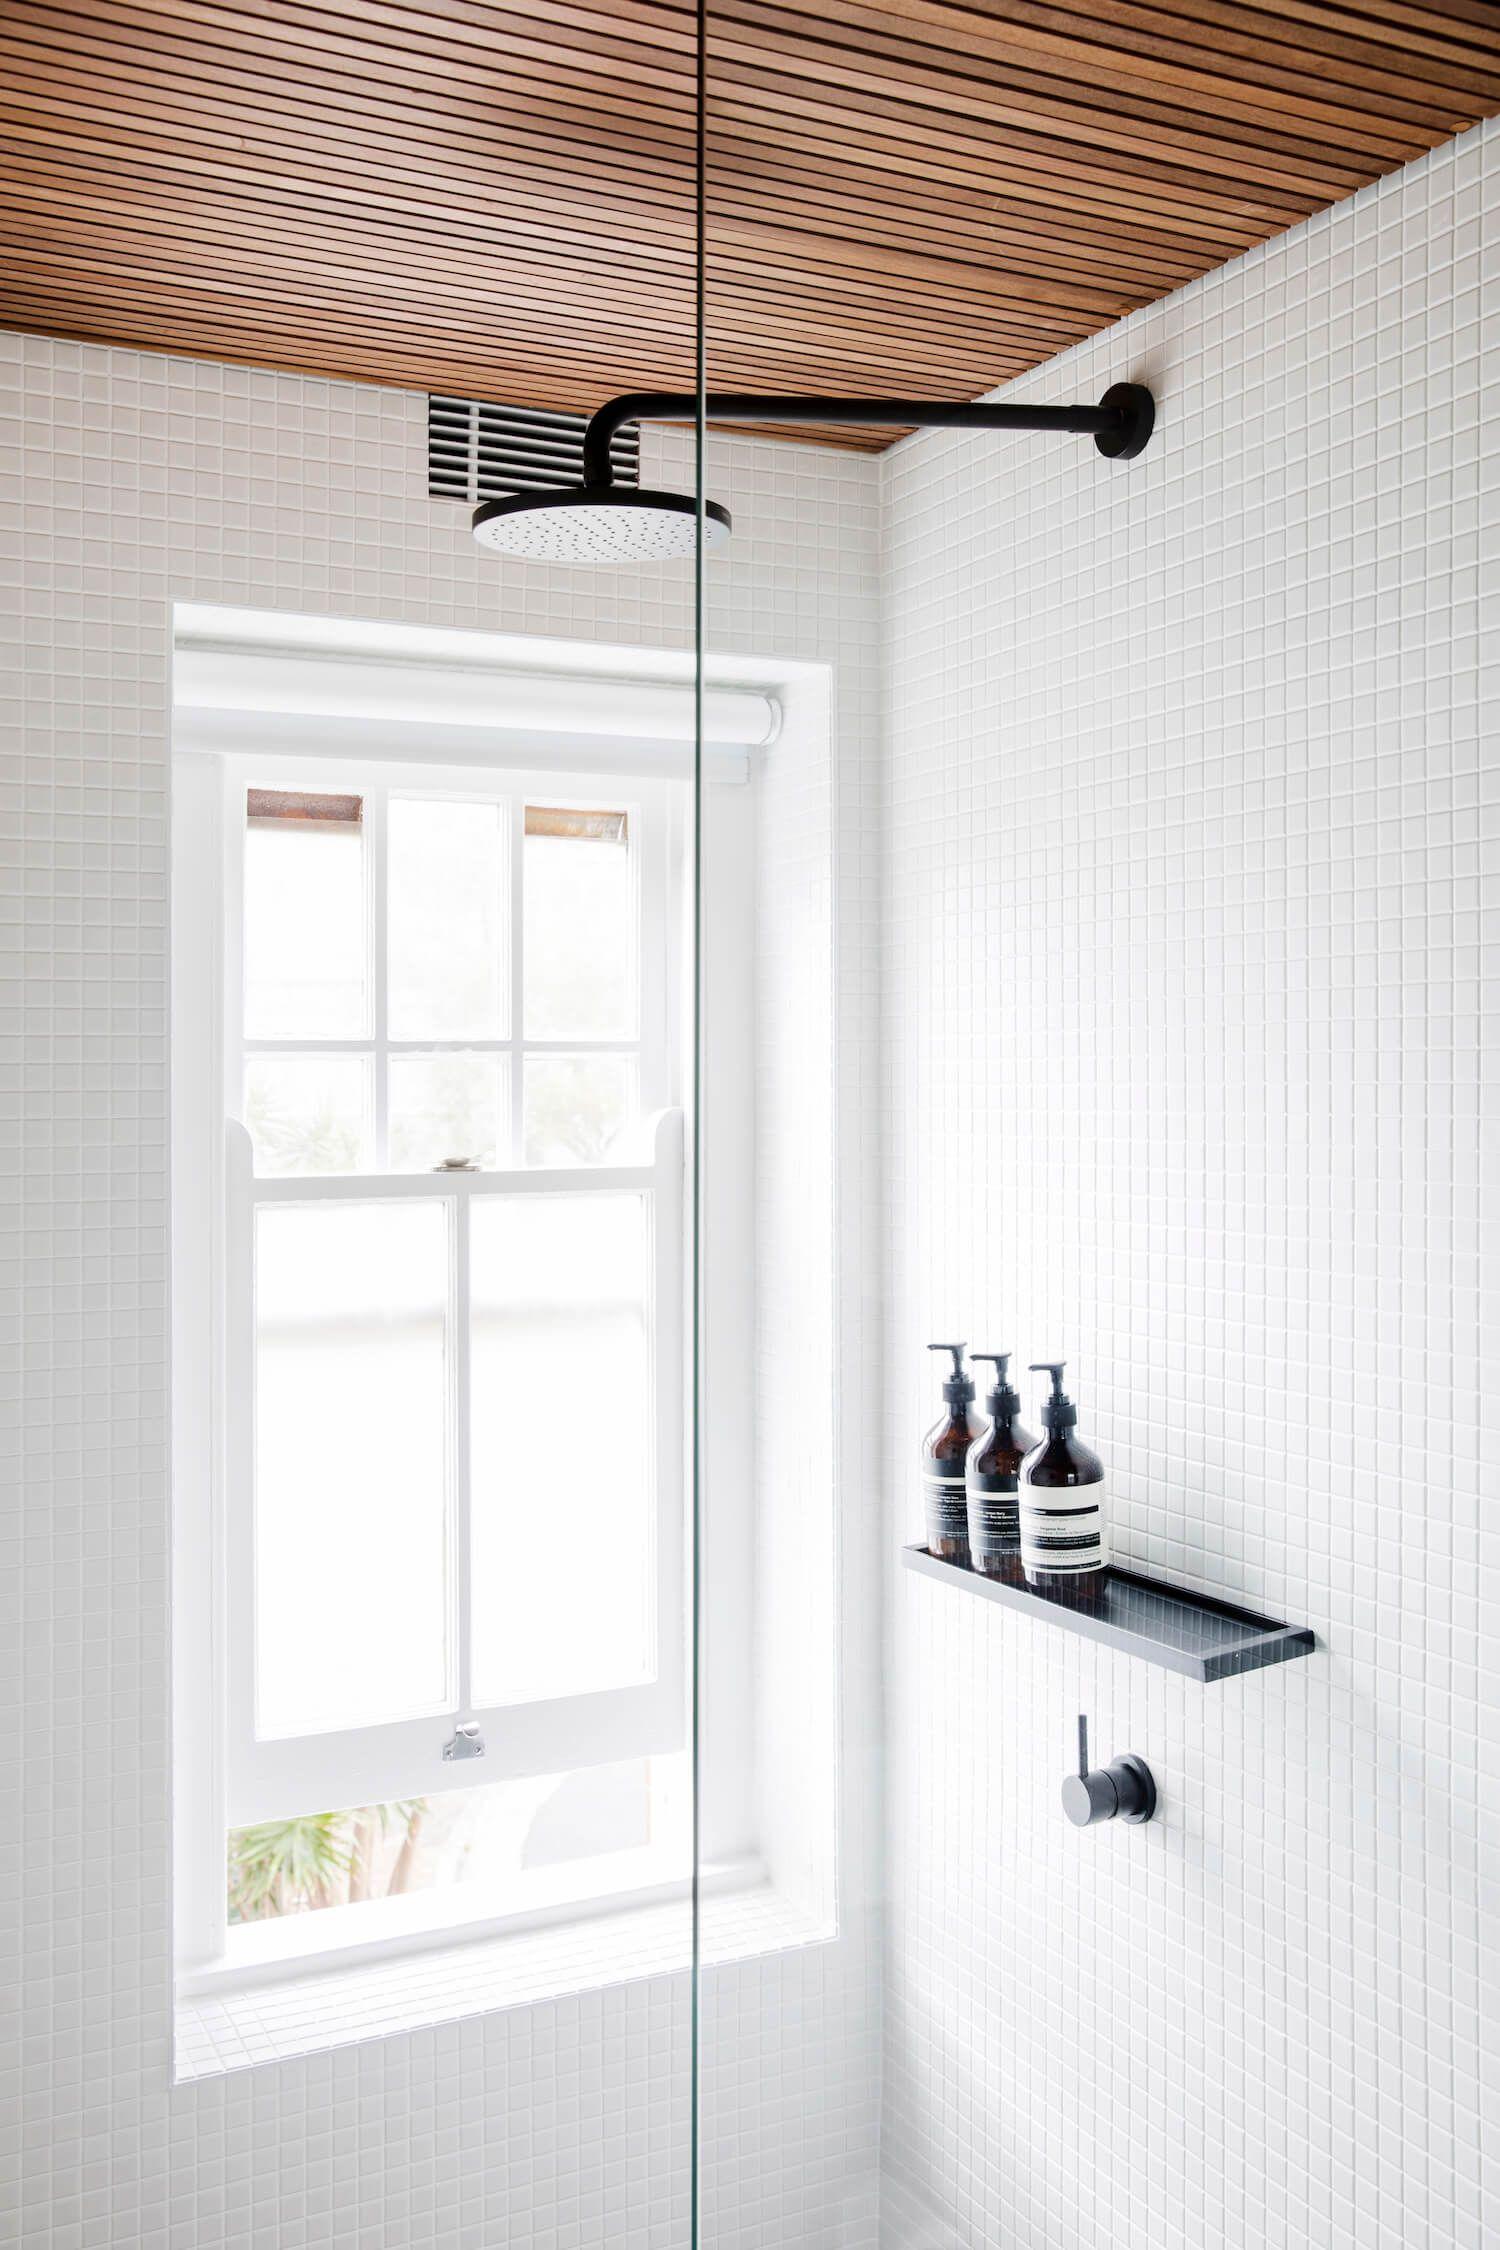 Bathroom nano pad by architect prineas est living bad